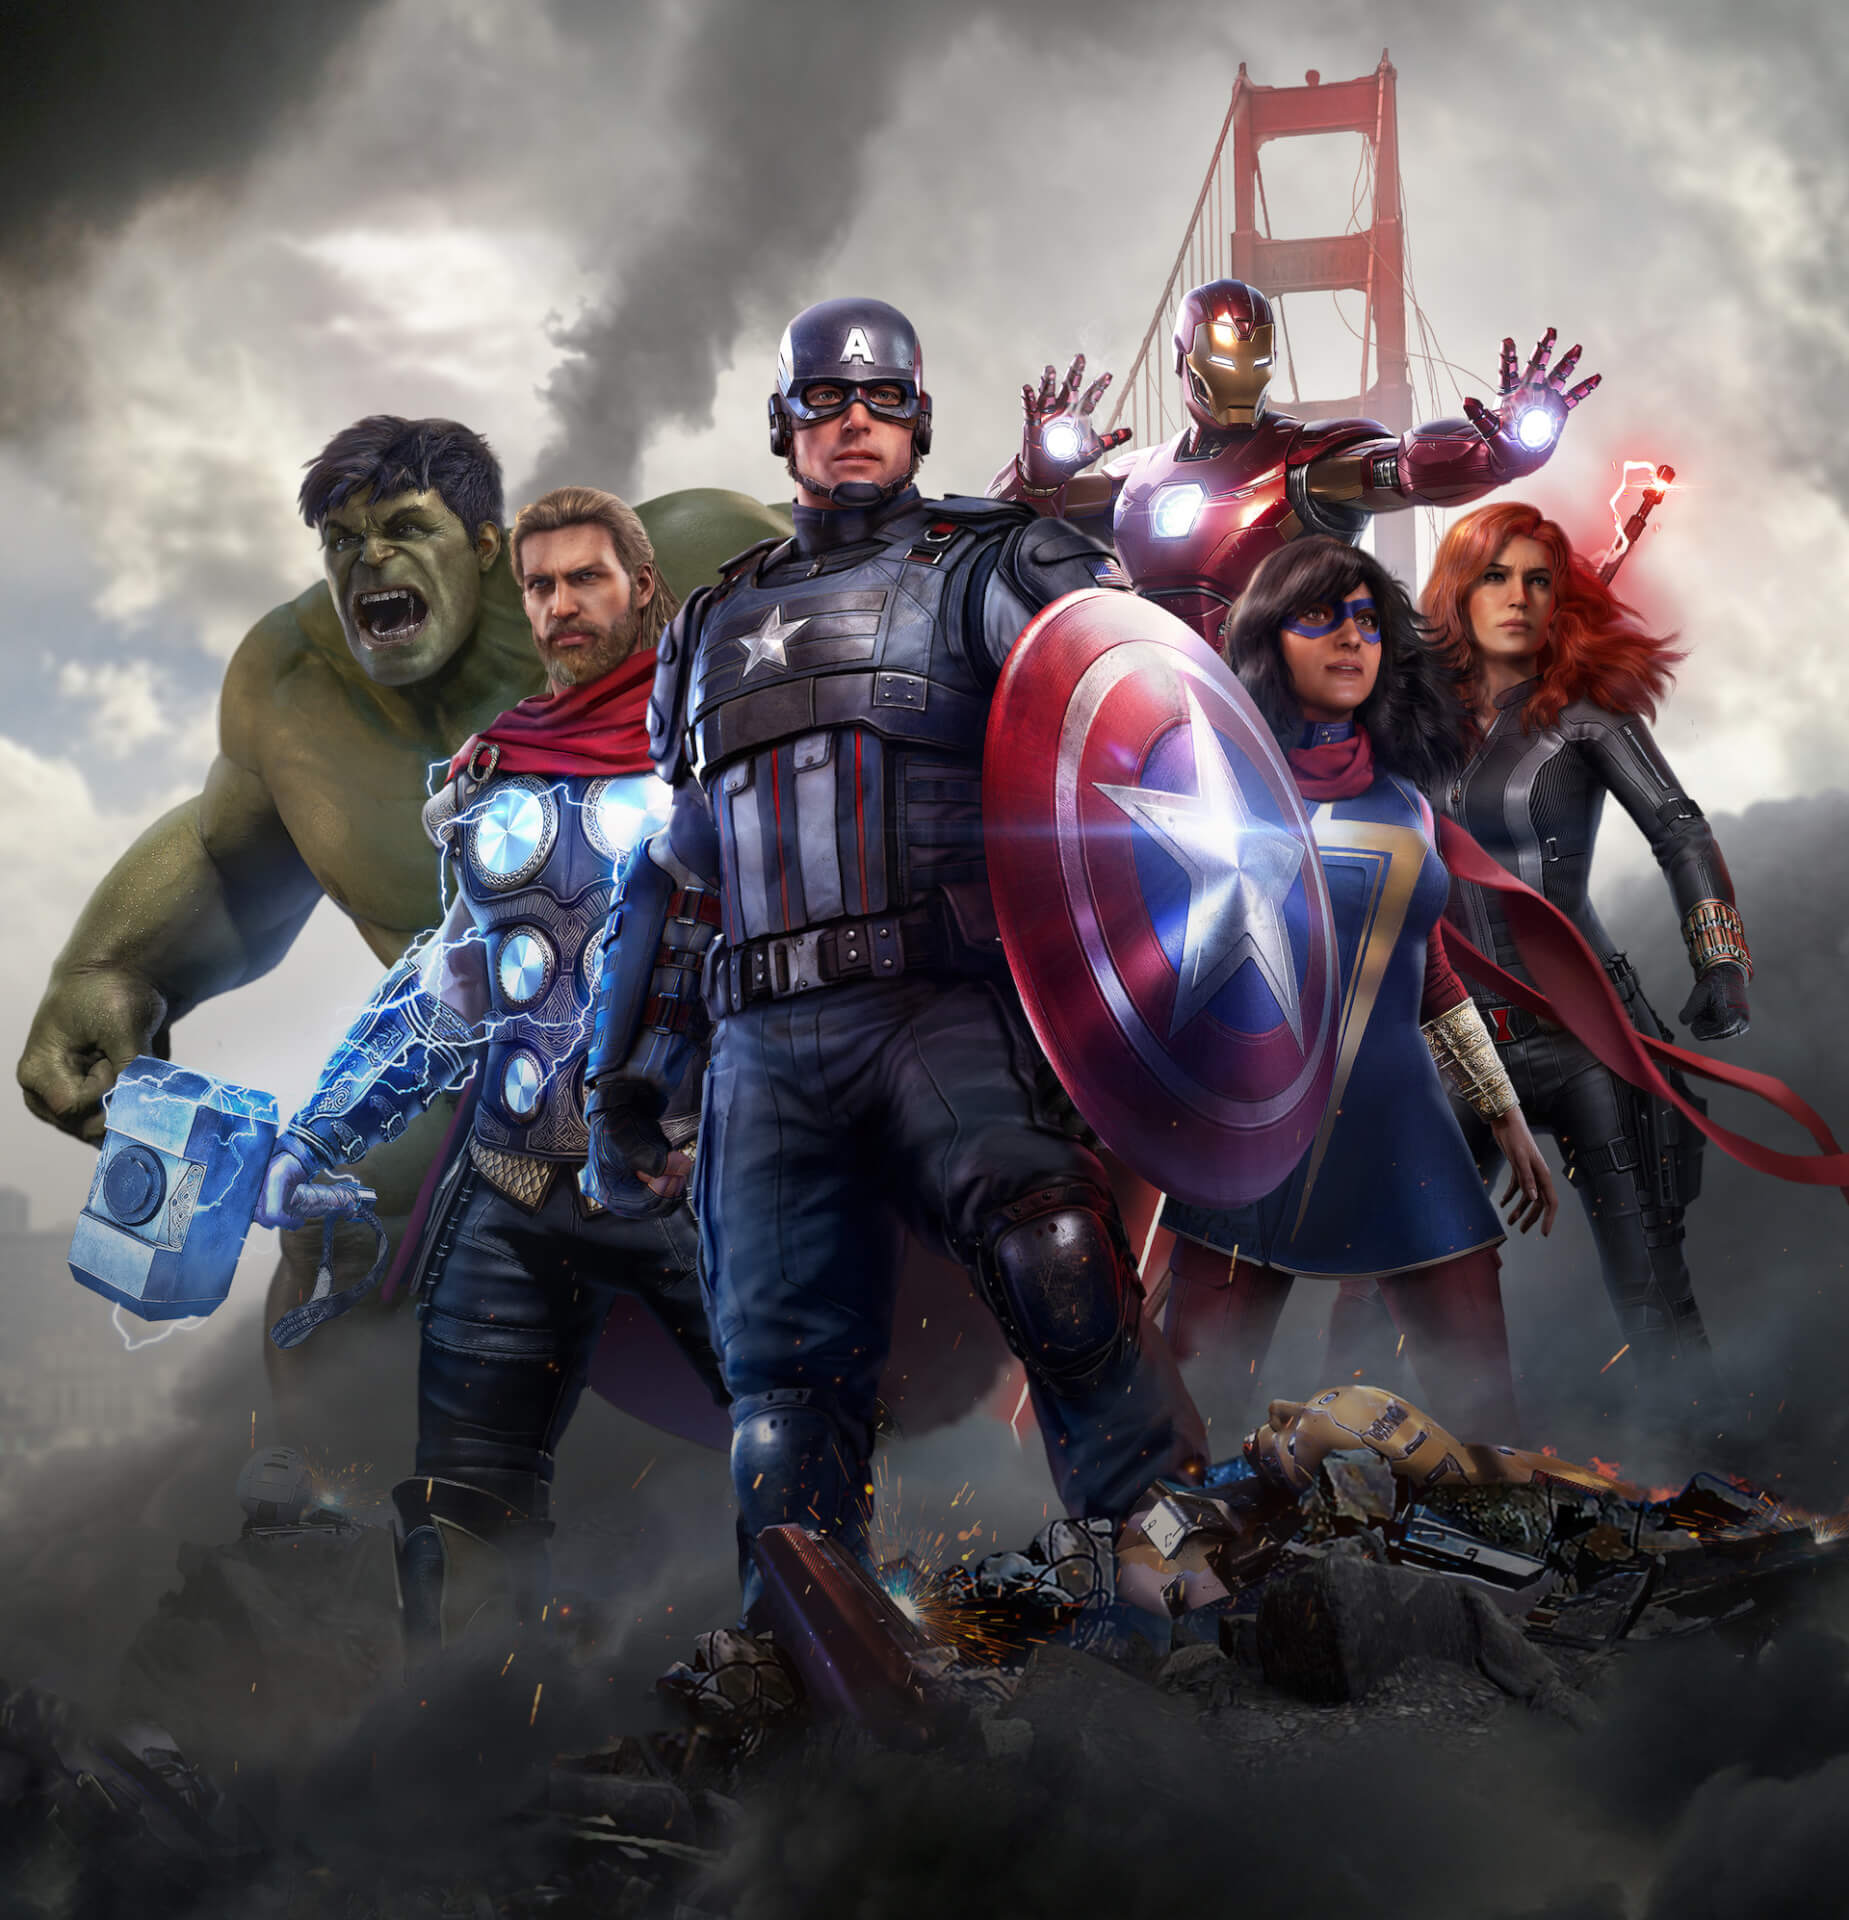 アベンジャーズ、ゲームでアッセンブル!『Marvel's Avengers』がついに予約受付開始&最新トレーラーも解禁 tech200417_avengers_game_8